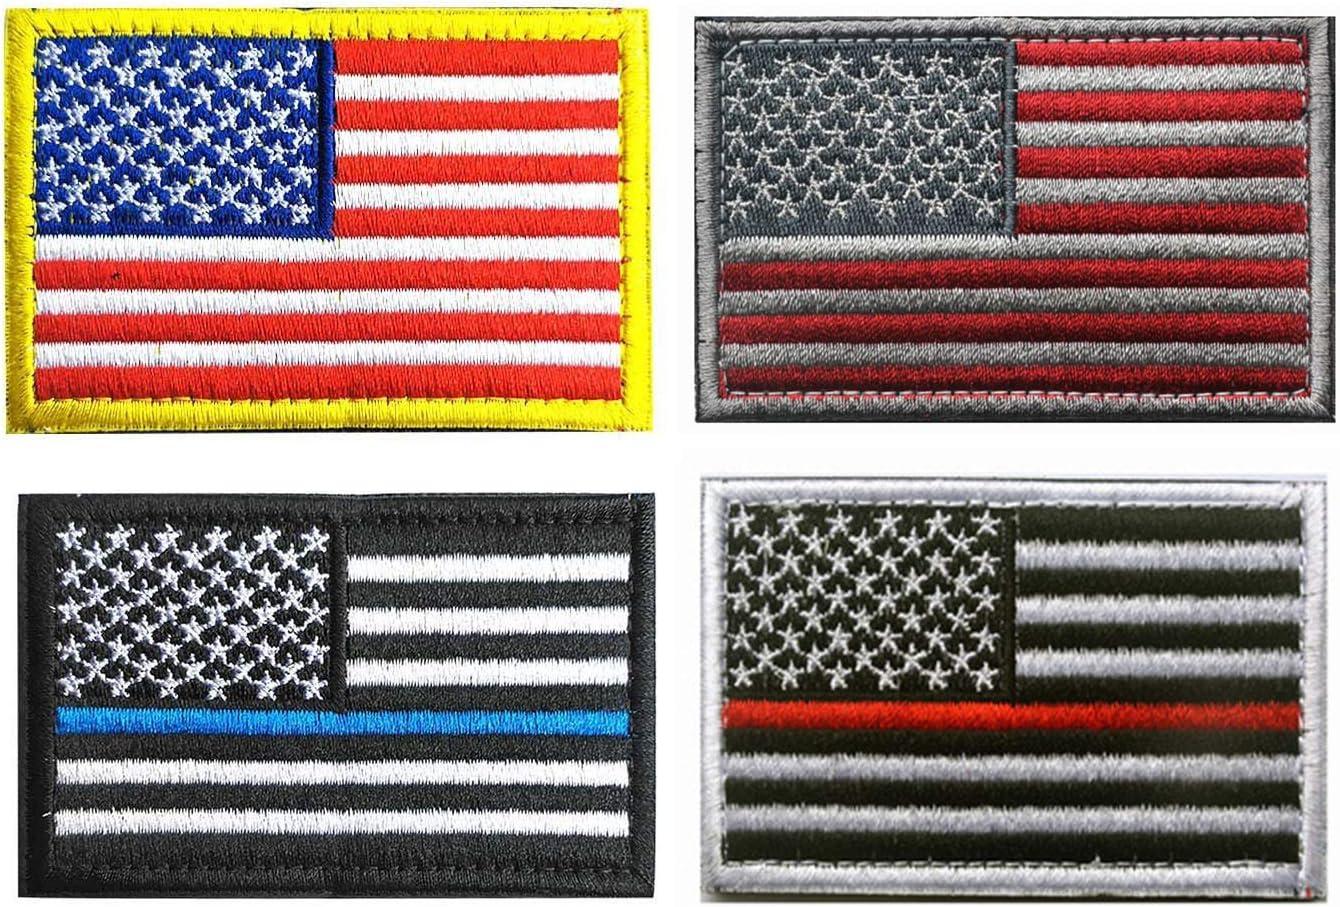 Bandera de Estados Unidos parche de Velcro, Towee 6 Pack American bandera Estados Unidos banderas etiquetas de parches de velcro de el Castigador Tactical parche Militar parche bordado frontera América uniforme Militar